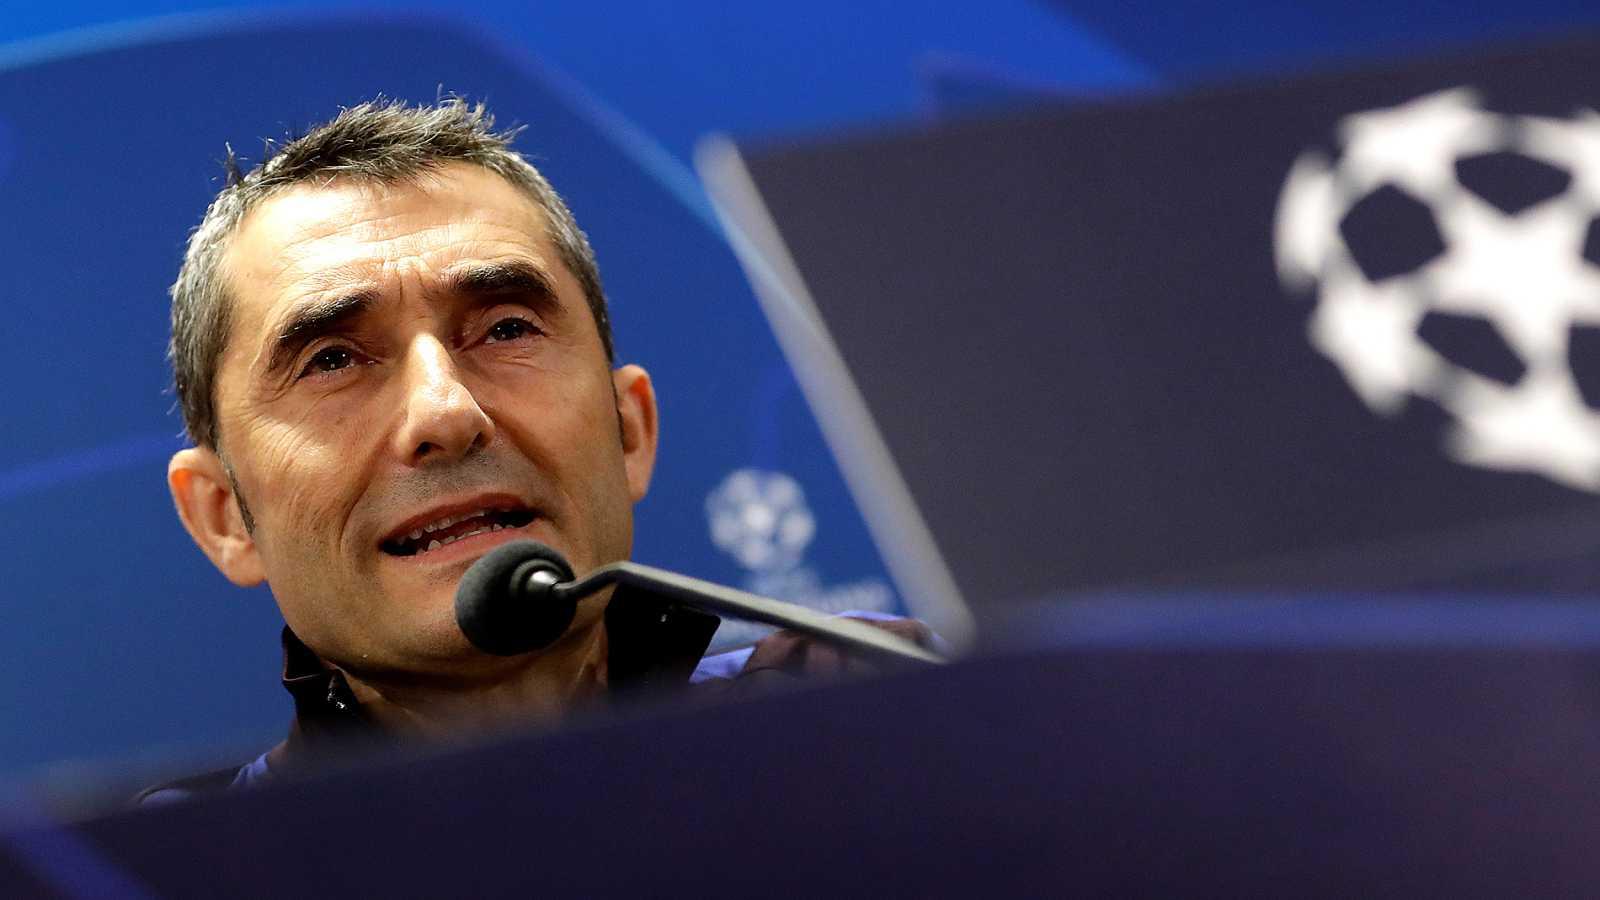 El entrenador del FC Barcelona, Ernesto Valverde, ha opinado que se debería disputar el Barça-Madrid igual que se disputó el Espanyol-Villarreal el fin de semana pasado.